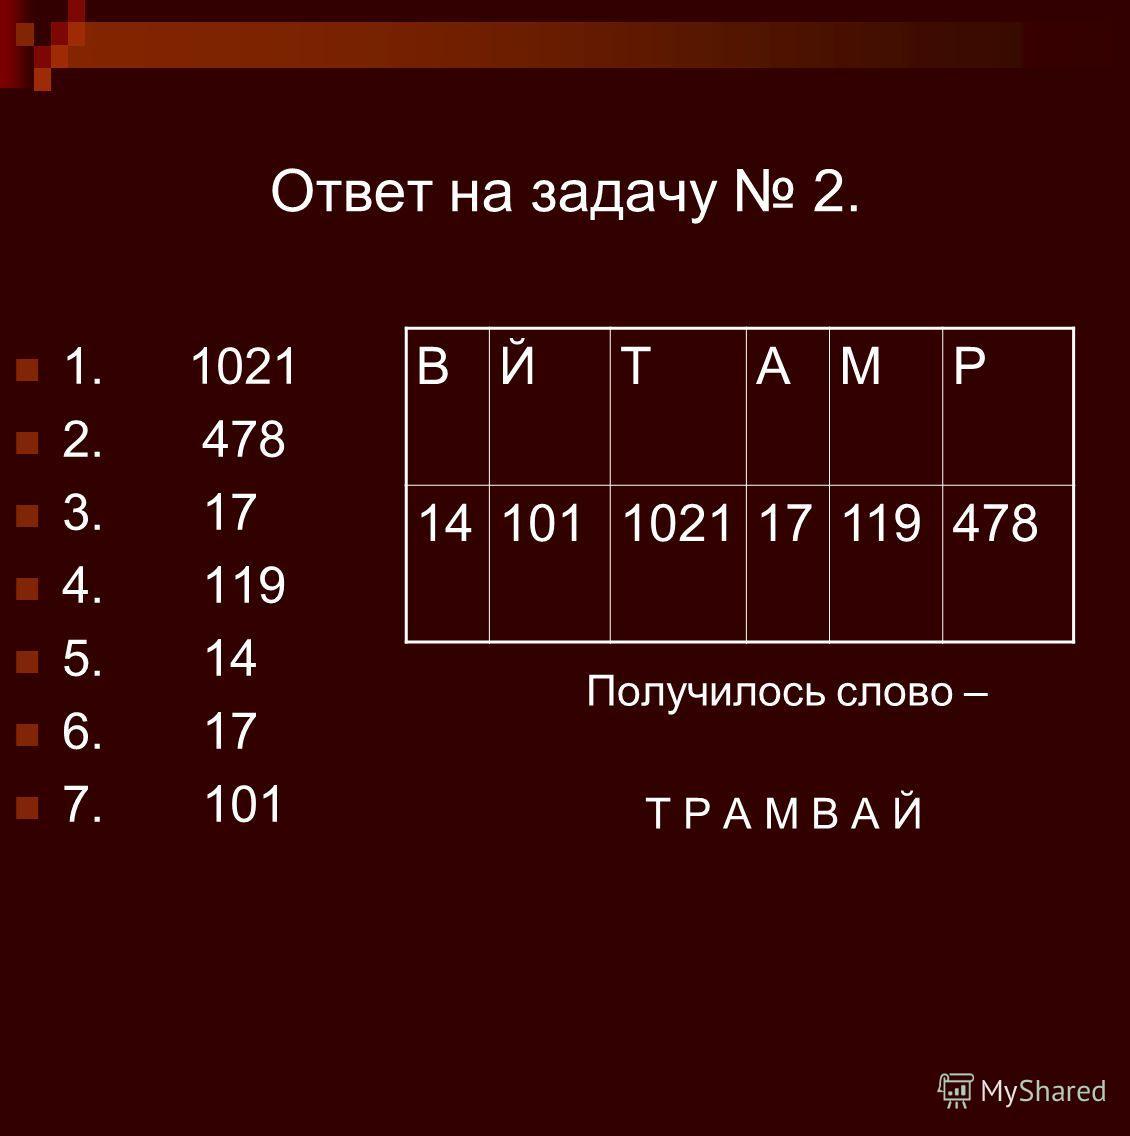 Ответ на задачу 2. ВЙТАМР 14101102117119478 Получилось слово – Т Р А М В А Й 1. 1021 2. 478 3. 17 4. 119 5. 14 6. 17 7. 101